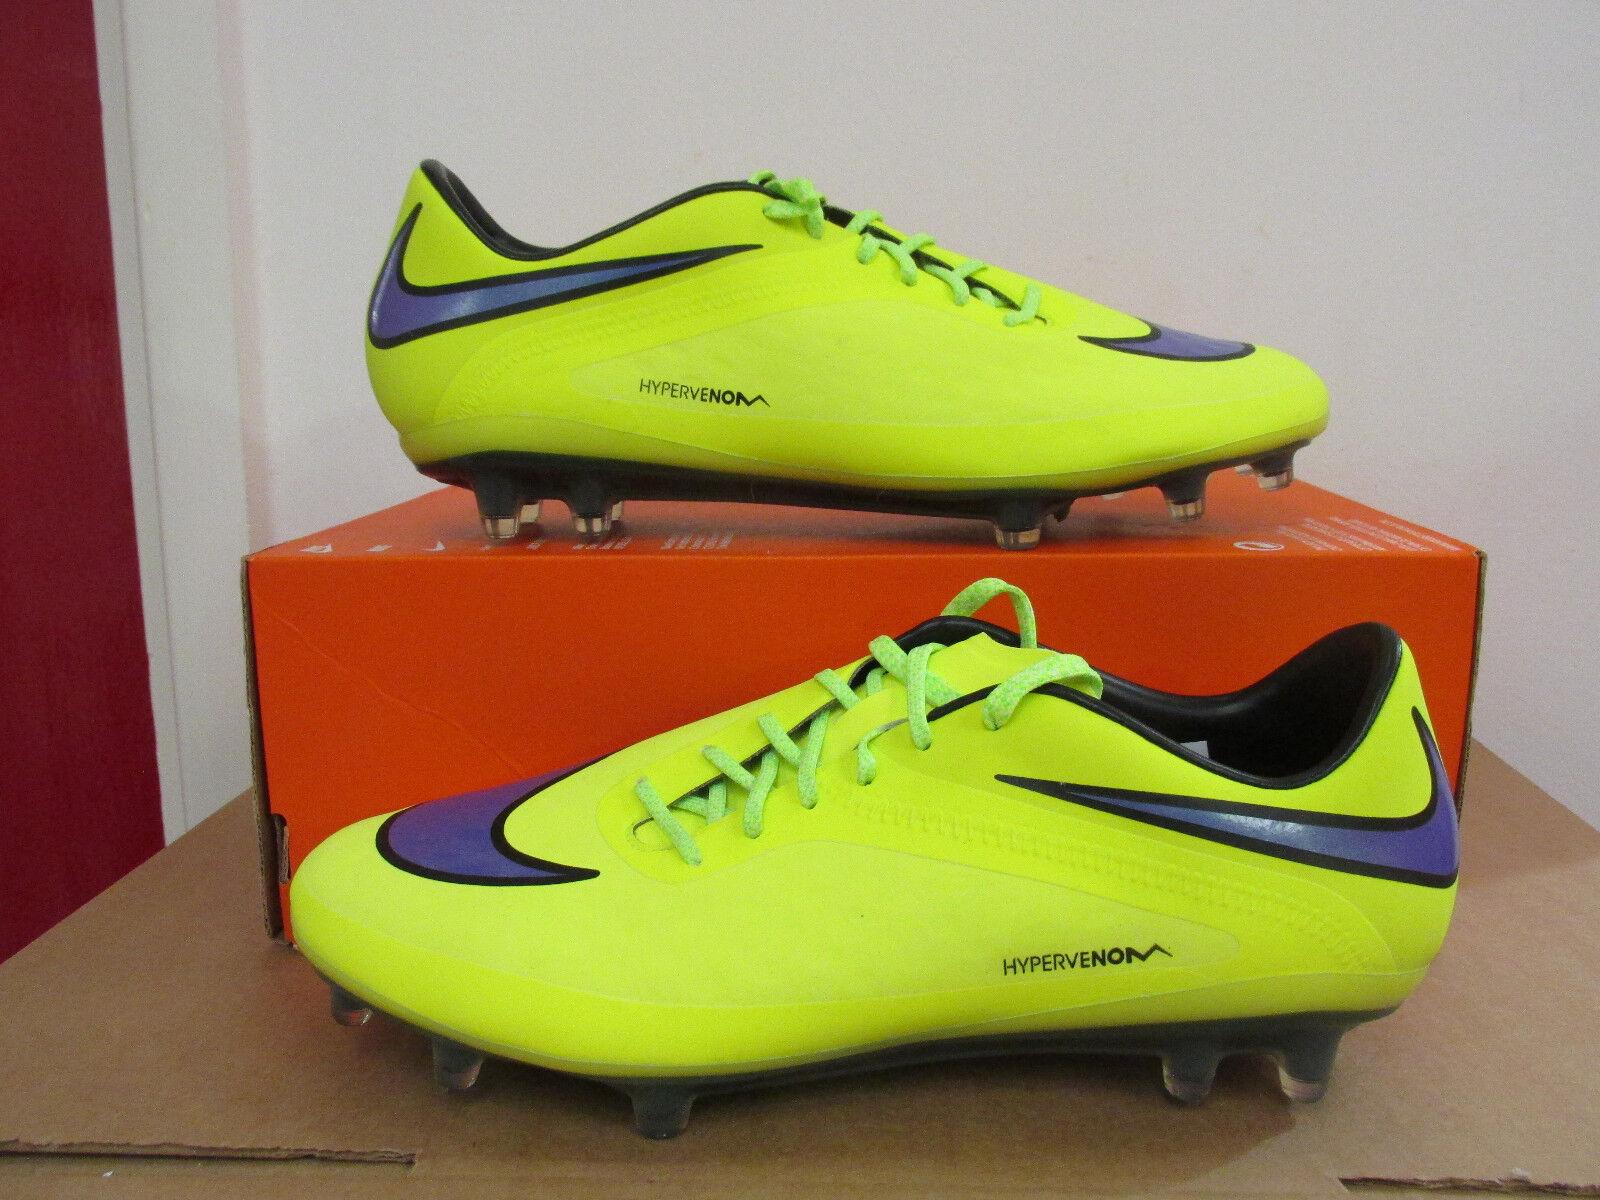 Nike hypervenom phatal fg Uomo scarpe da calcio calcio da 599075 758 calcio studio clearance eeb01a